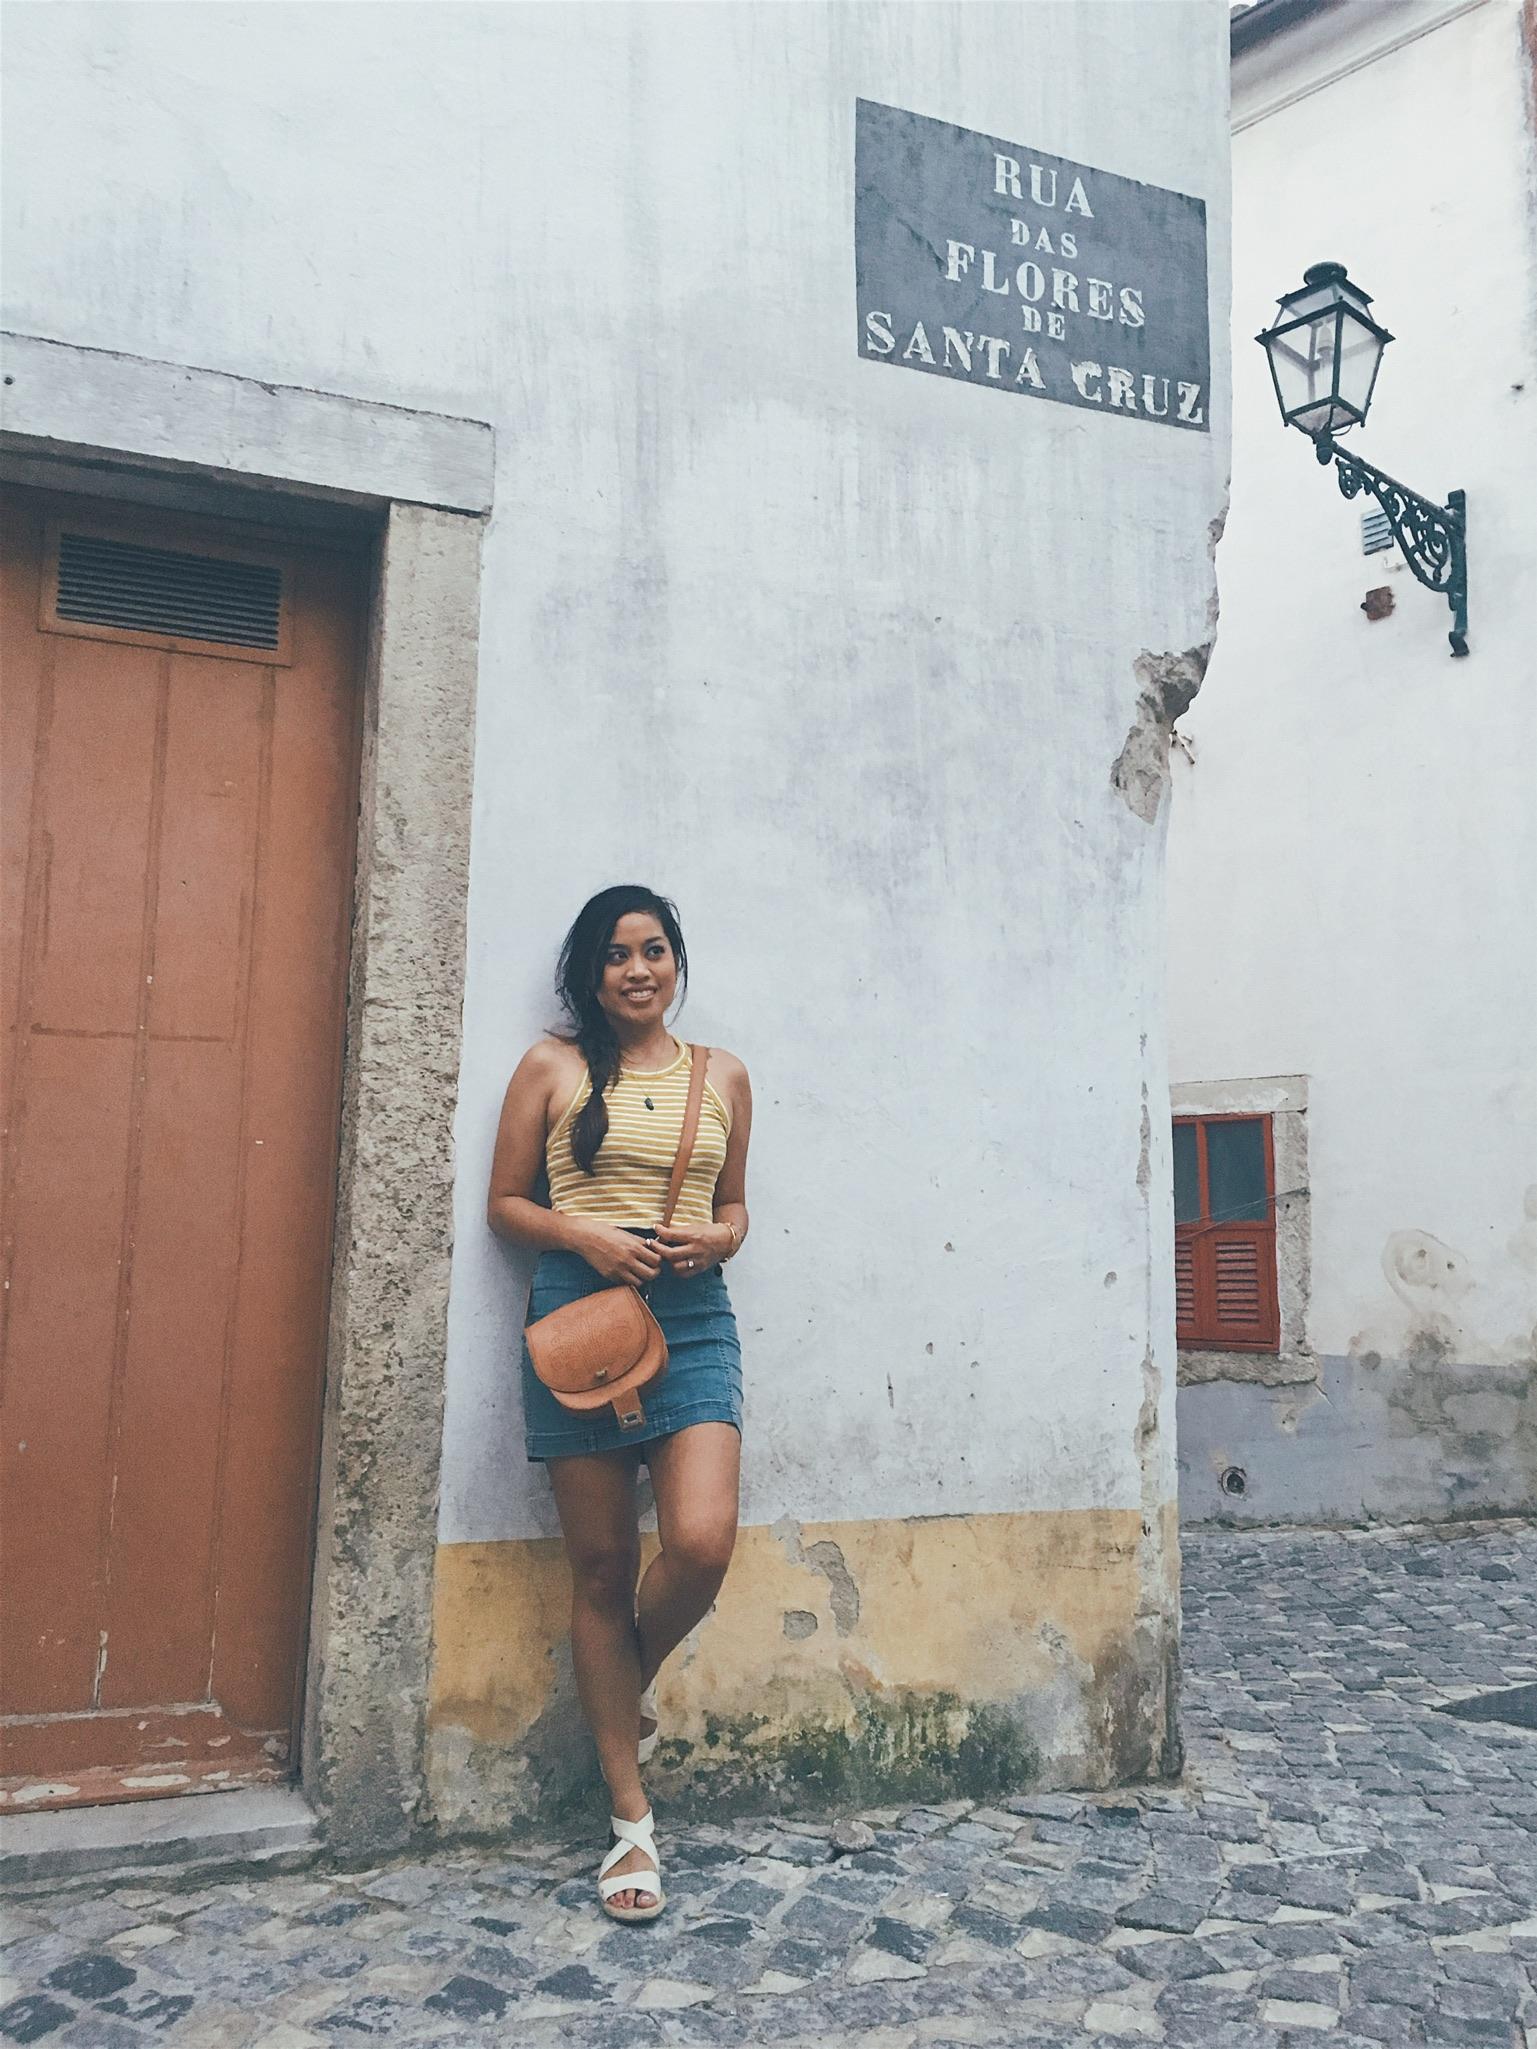 The quaint neighborhood surrounding Castelo de São Jorge